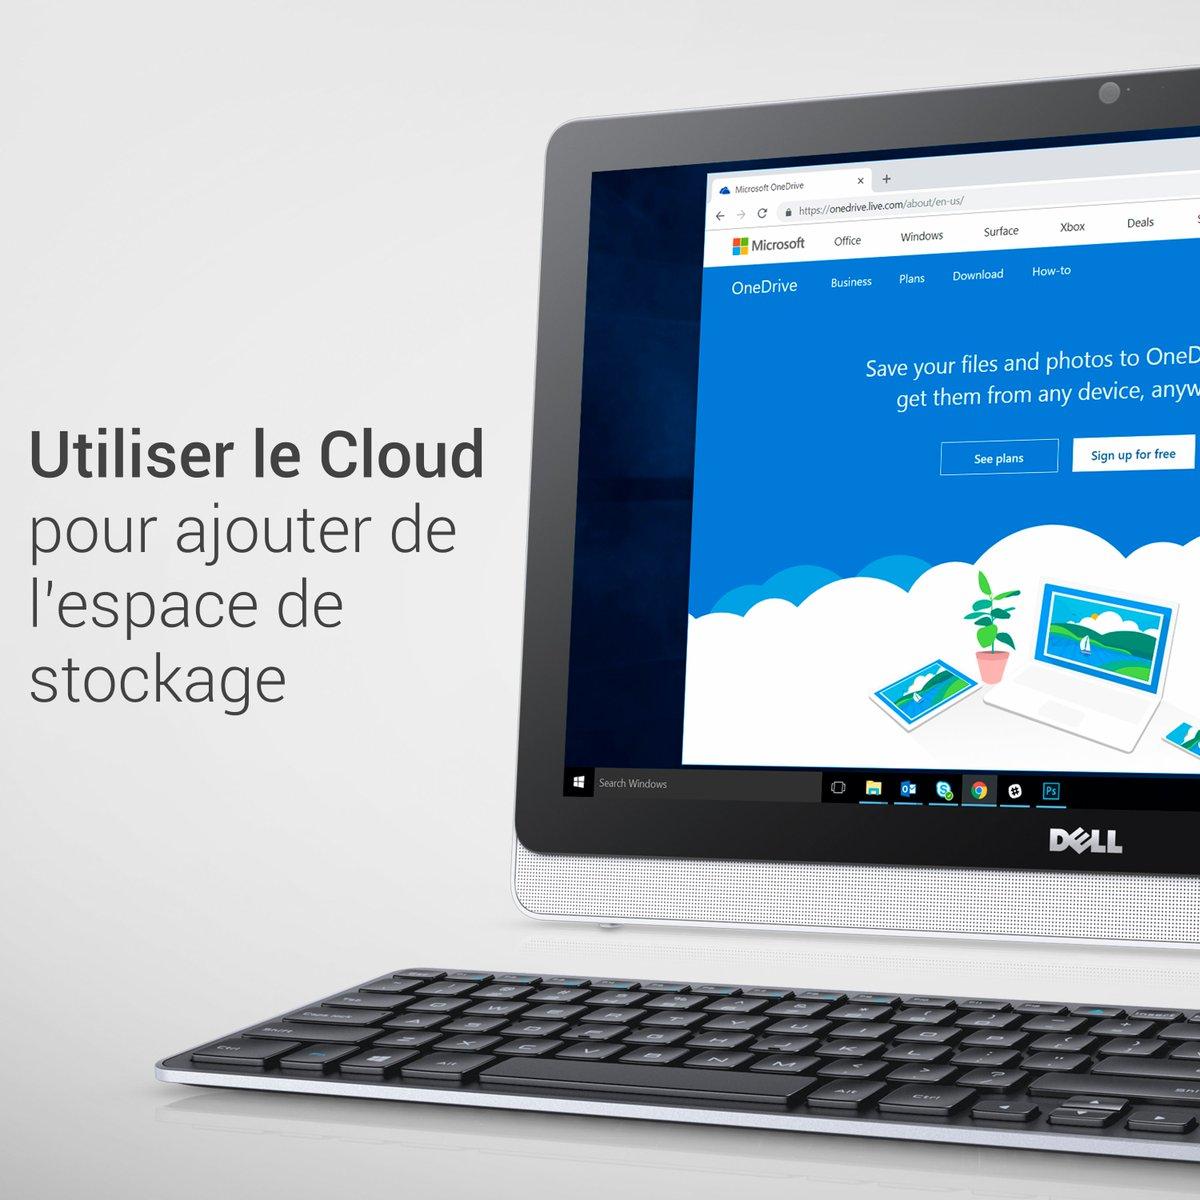 Vous manquez d'espace pour stocker des fichiers sur votre #DisqueDur ? Vous devriez envisager de stocker vos fichiers dans le #Cloud ☁ Voici comment cela fonctionne 👇 N'hésitez pas à partager ce contenu avec vos amis !